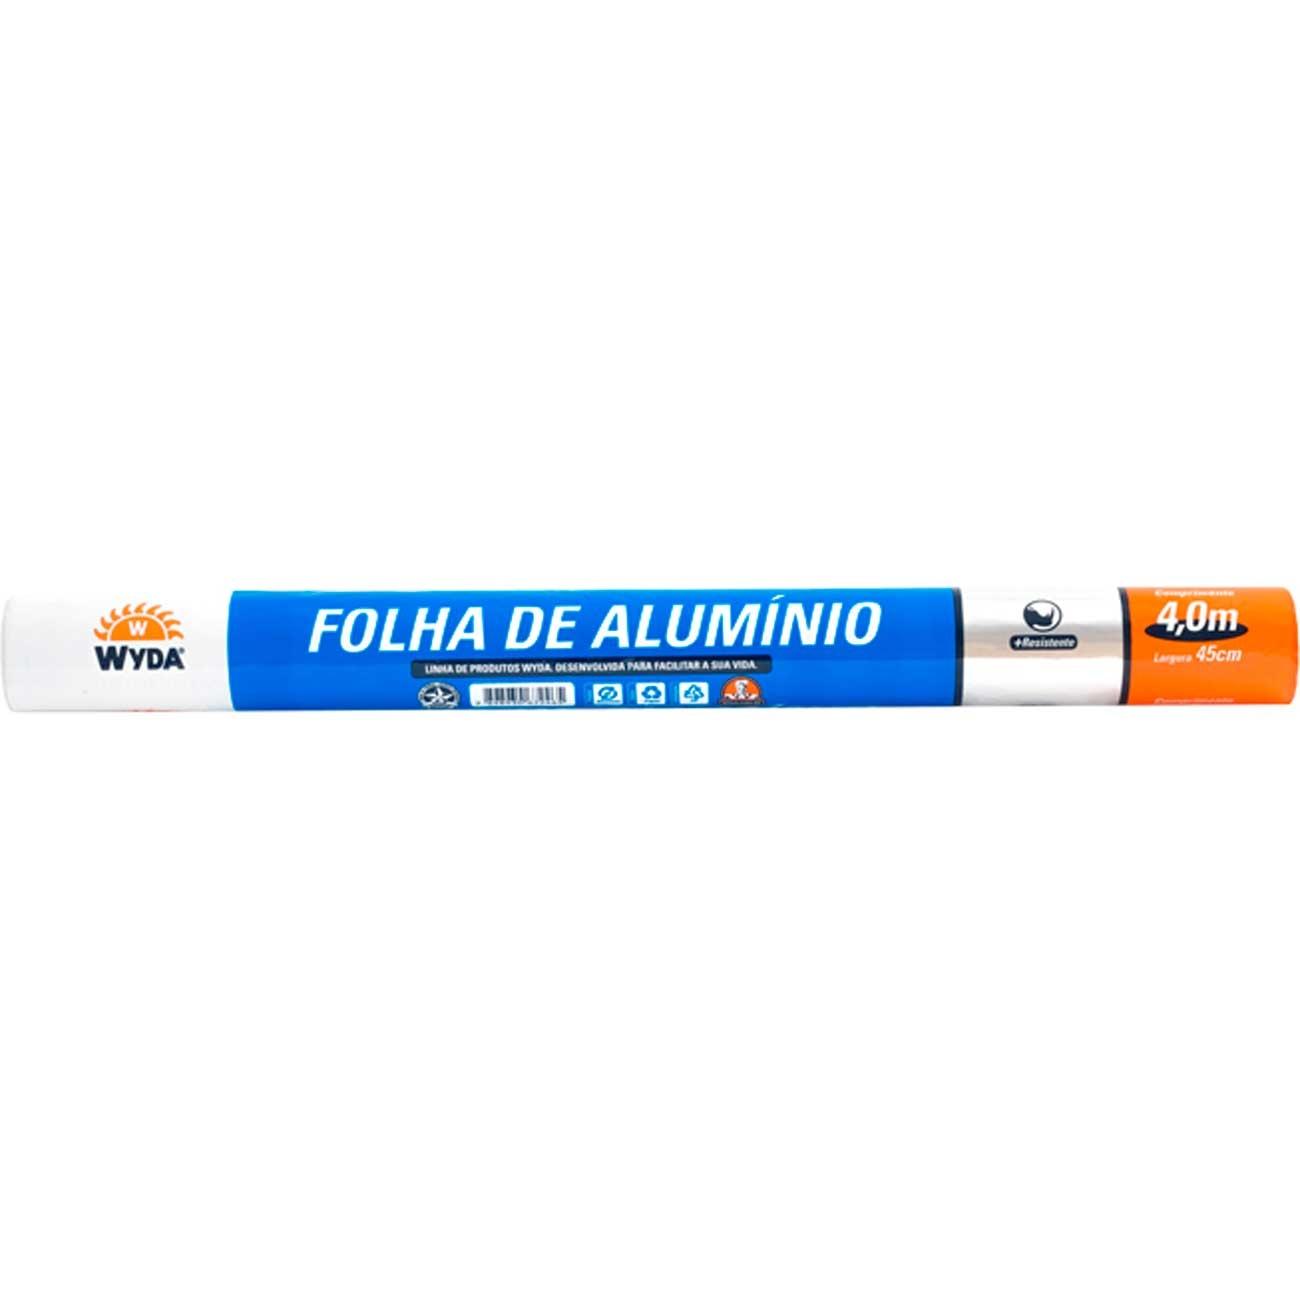 Papel Alumínio Wyda Rolo 4Mx0,45Cm